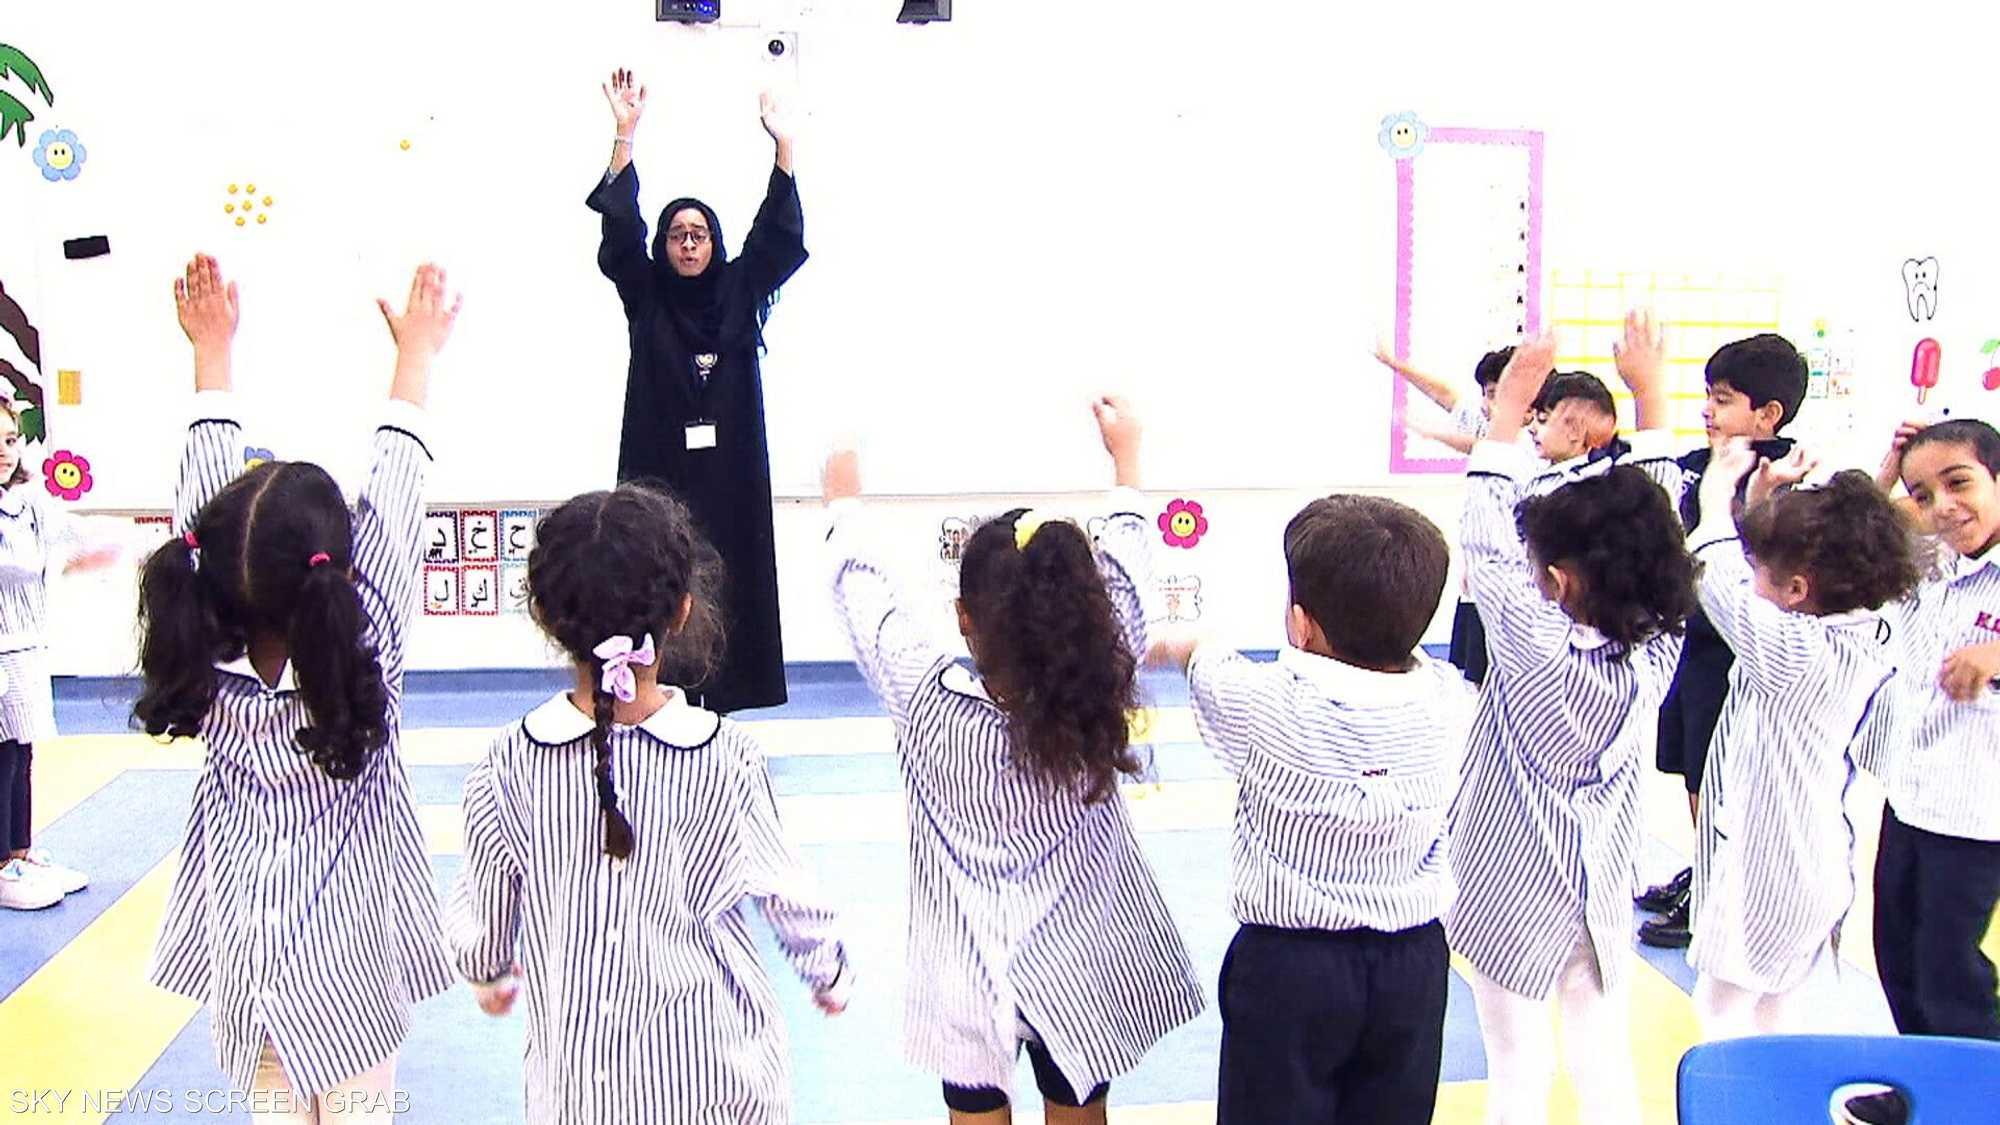 التعلم عبر اللعب يقوى الذاكرة ويبني شخصية الطفل